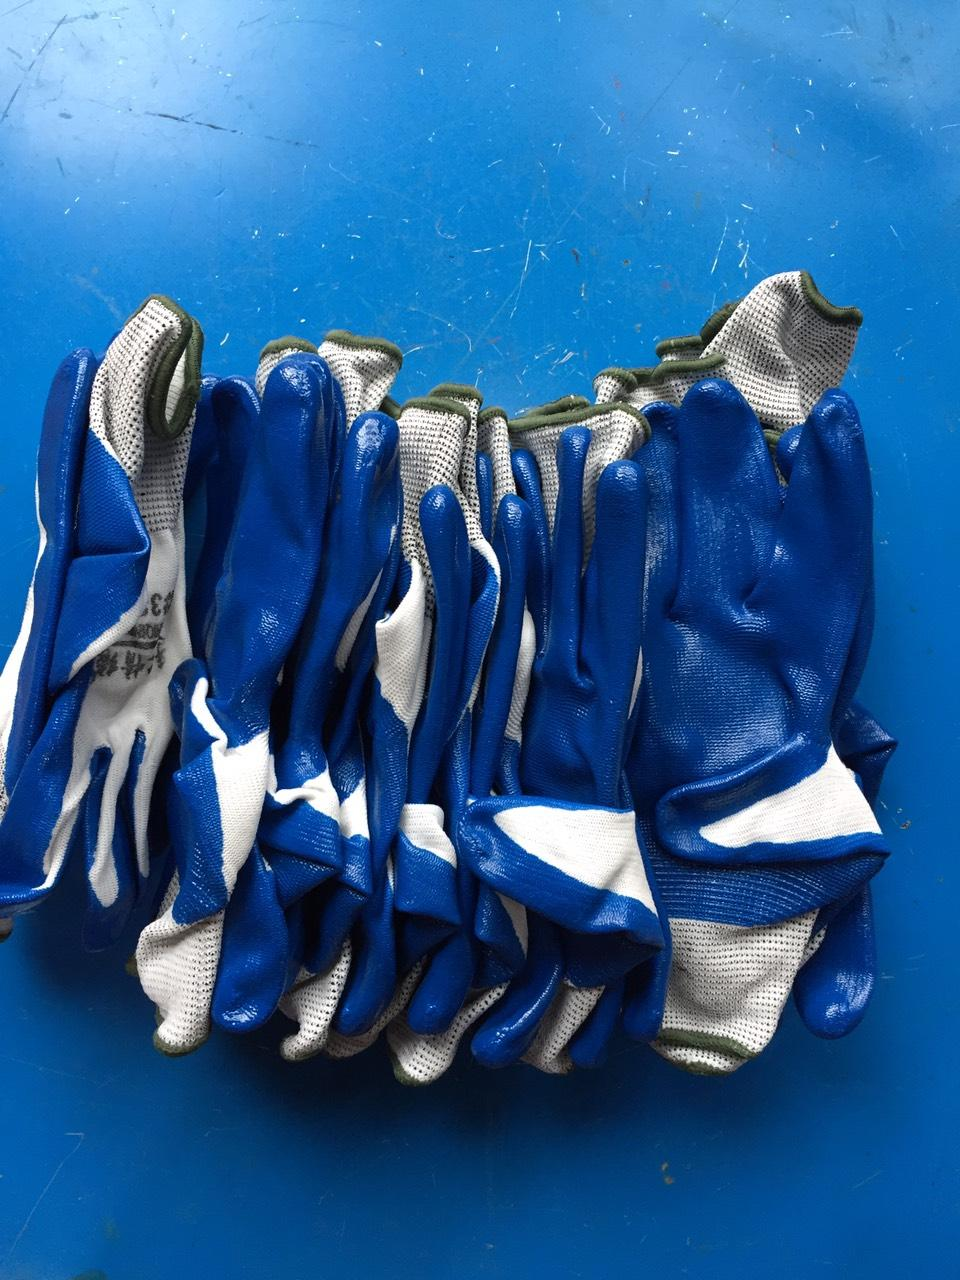 Bộ 10 đôi găng tay lao động bảo vệ 3 lớp, Găng tay 388, găng tay lao động loại dầy nhất